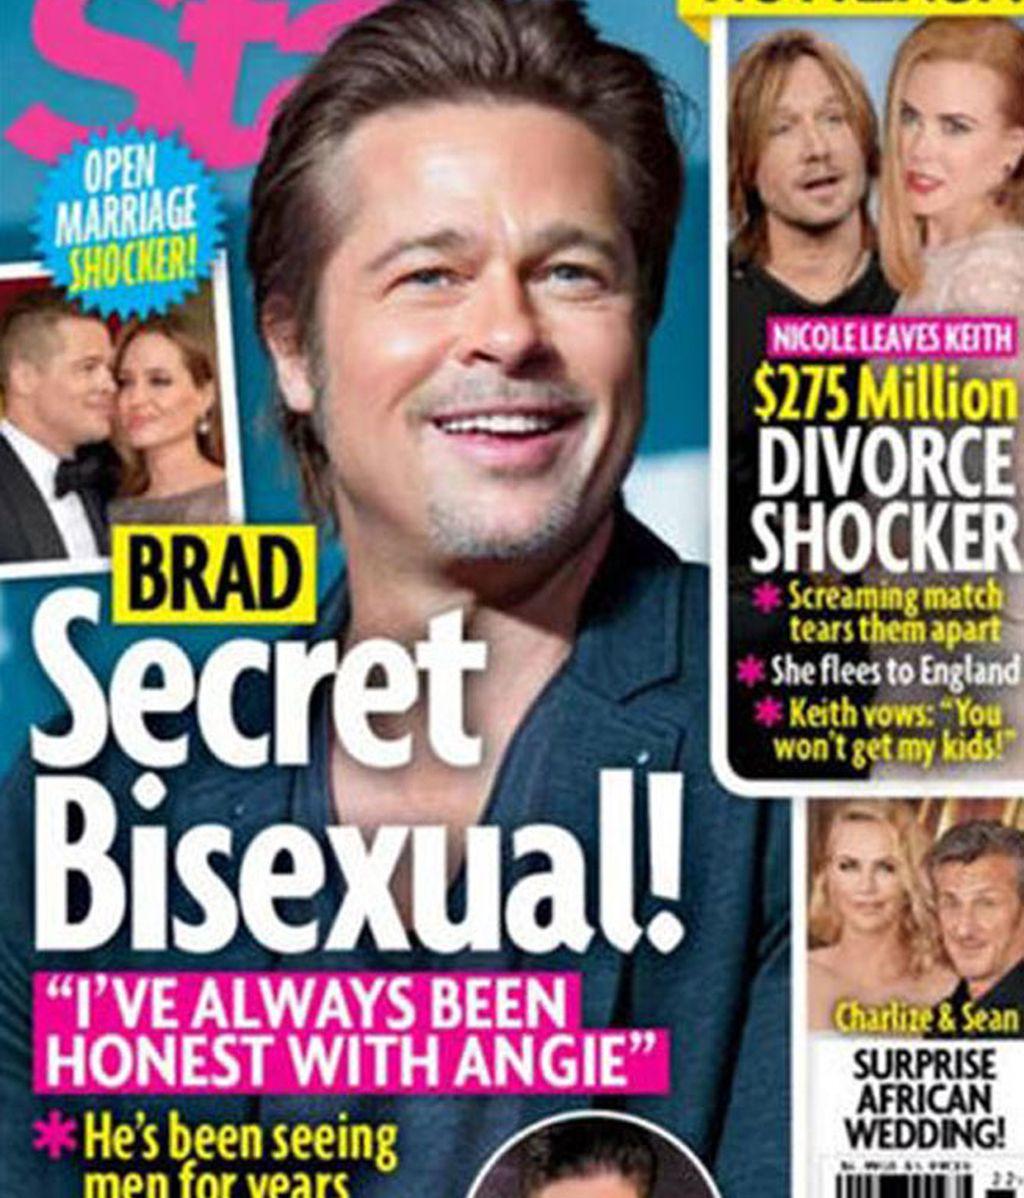 Brad bisexual